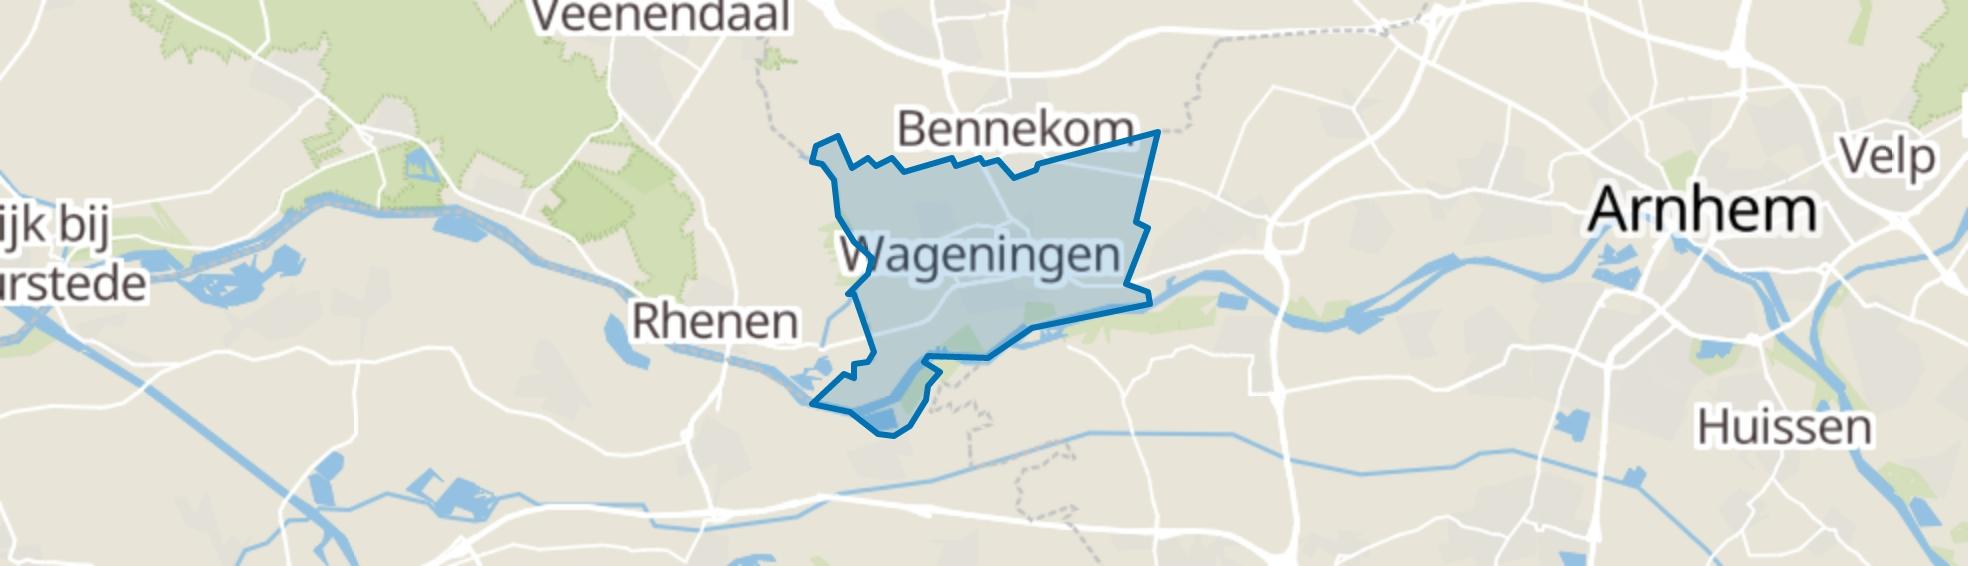 Wageningen map